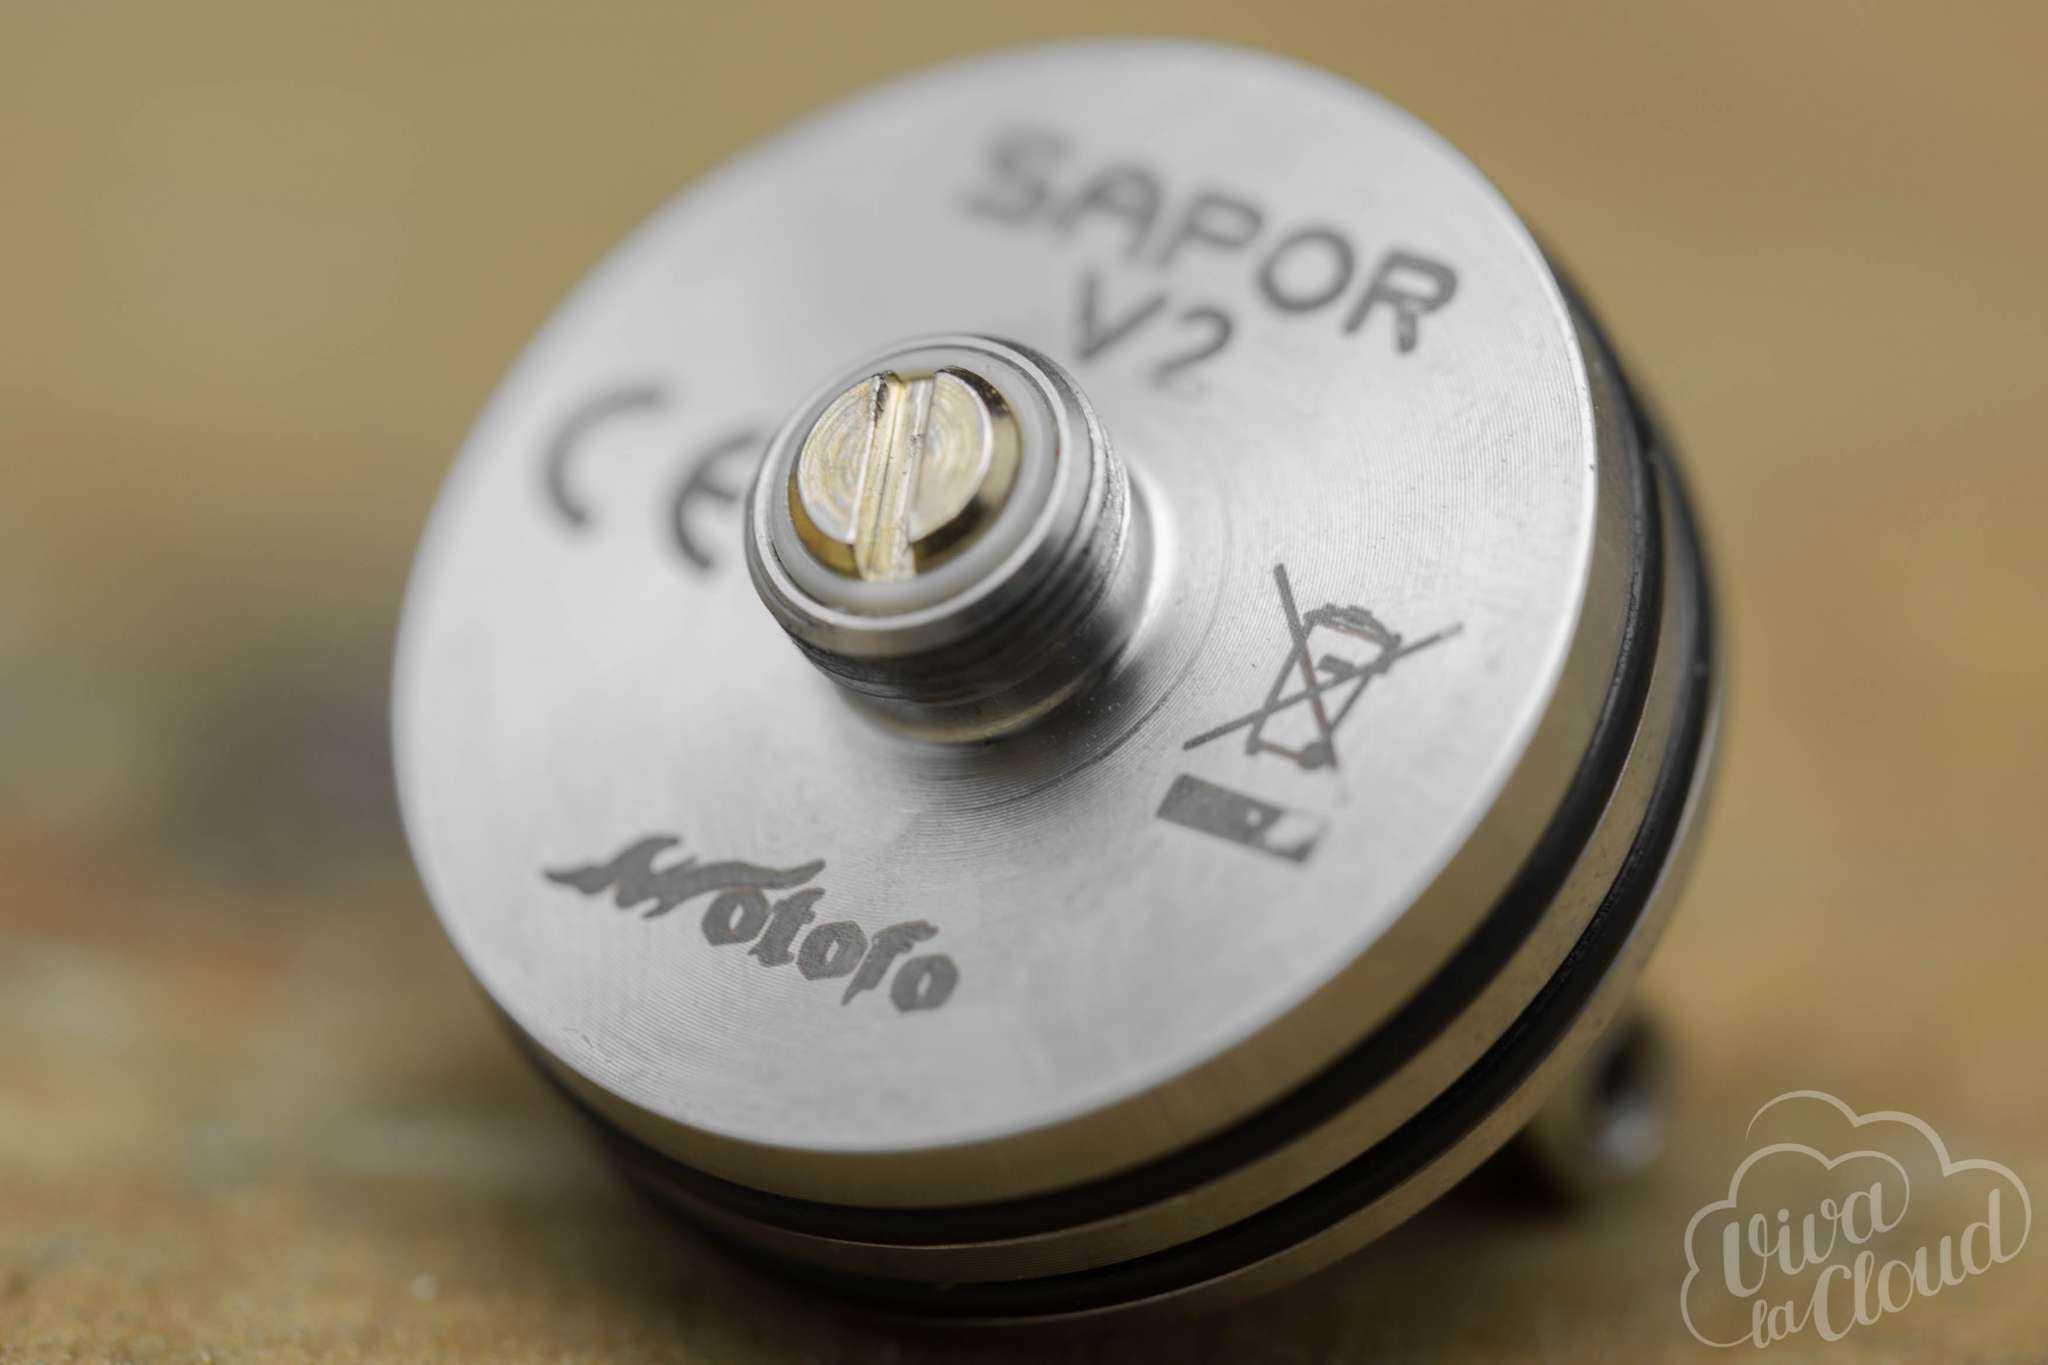 sapor-v2-14